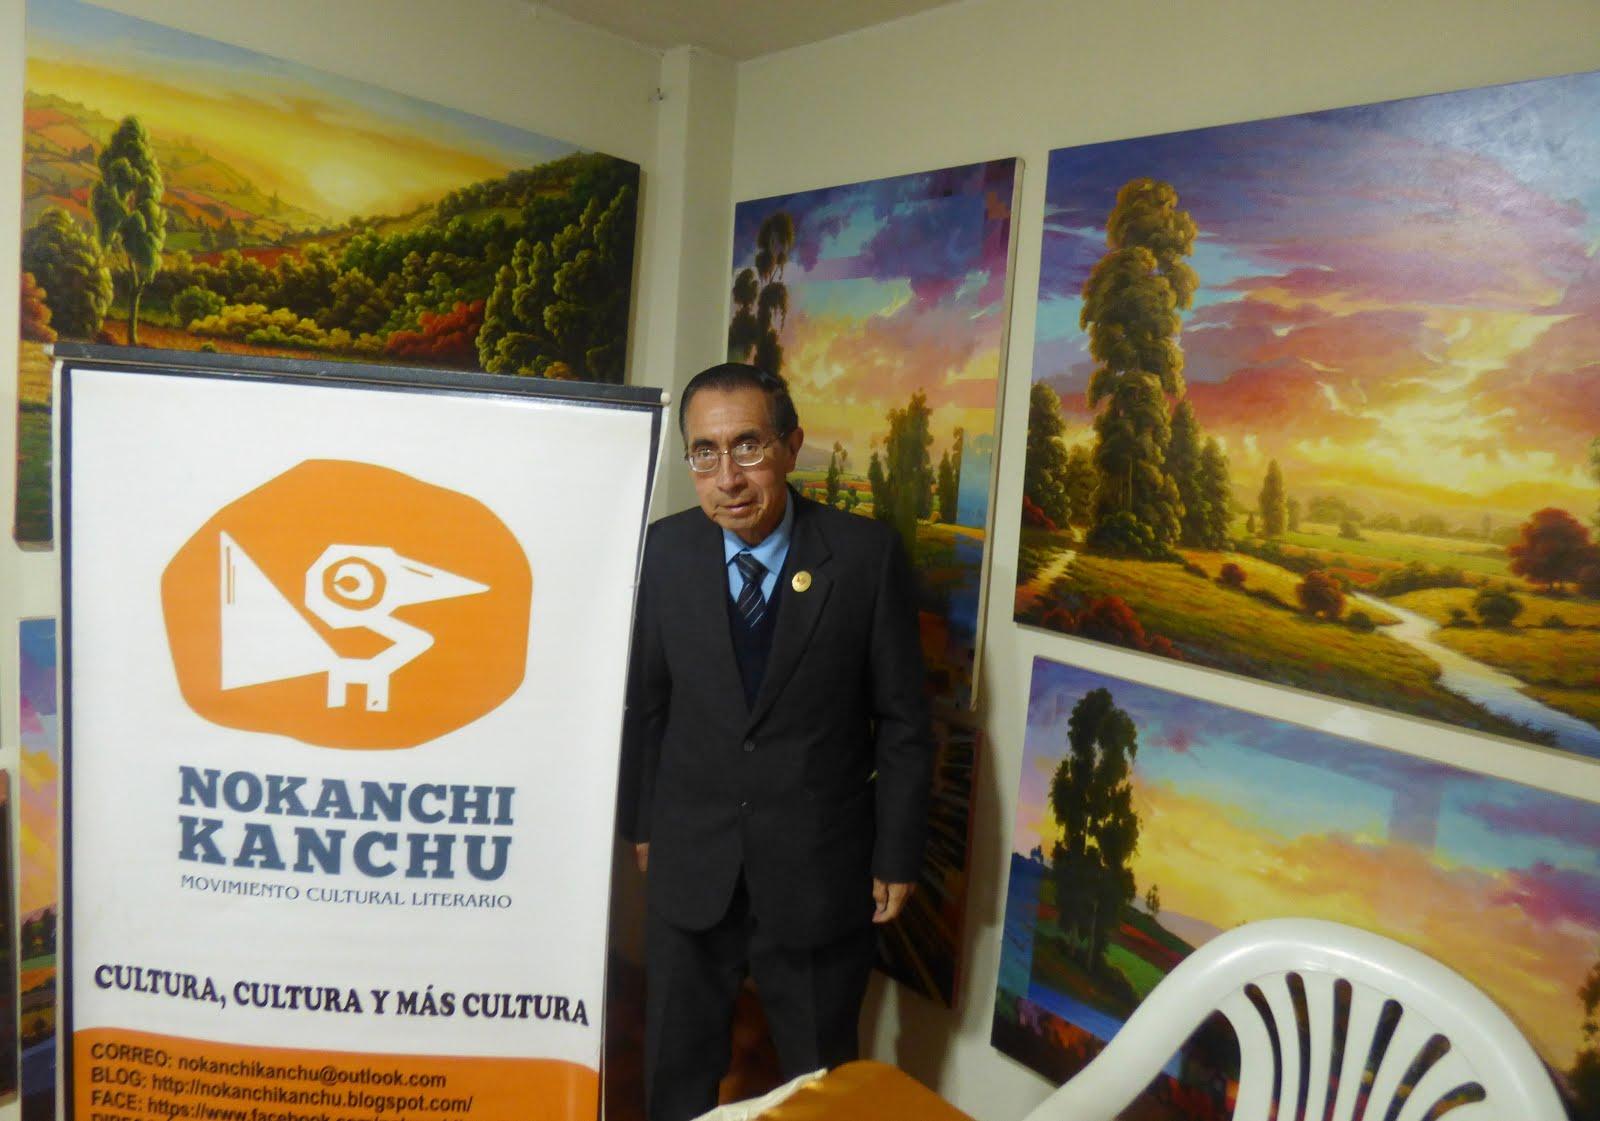 Movimiento Cultural Literario Nokanchi Kanchu